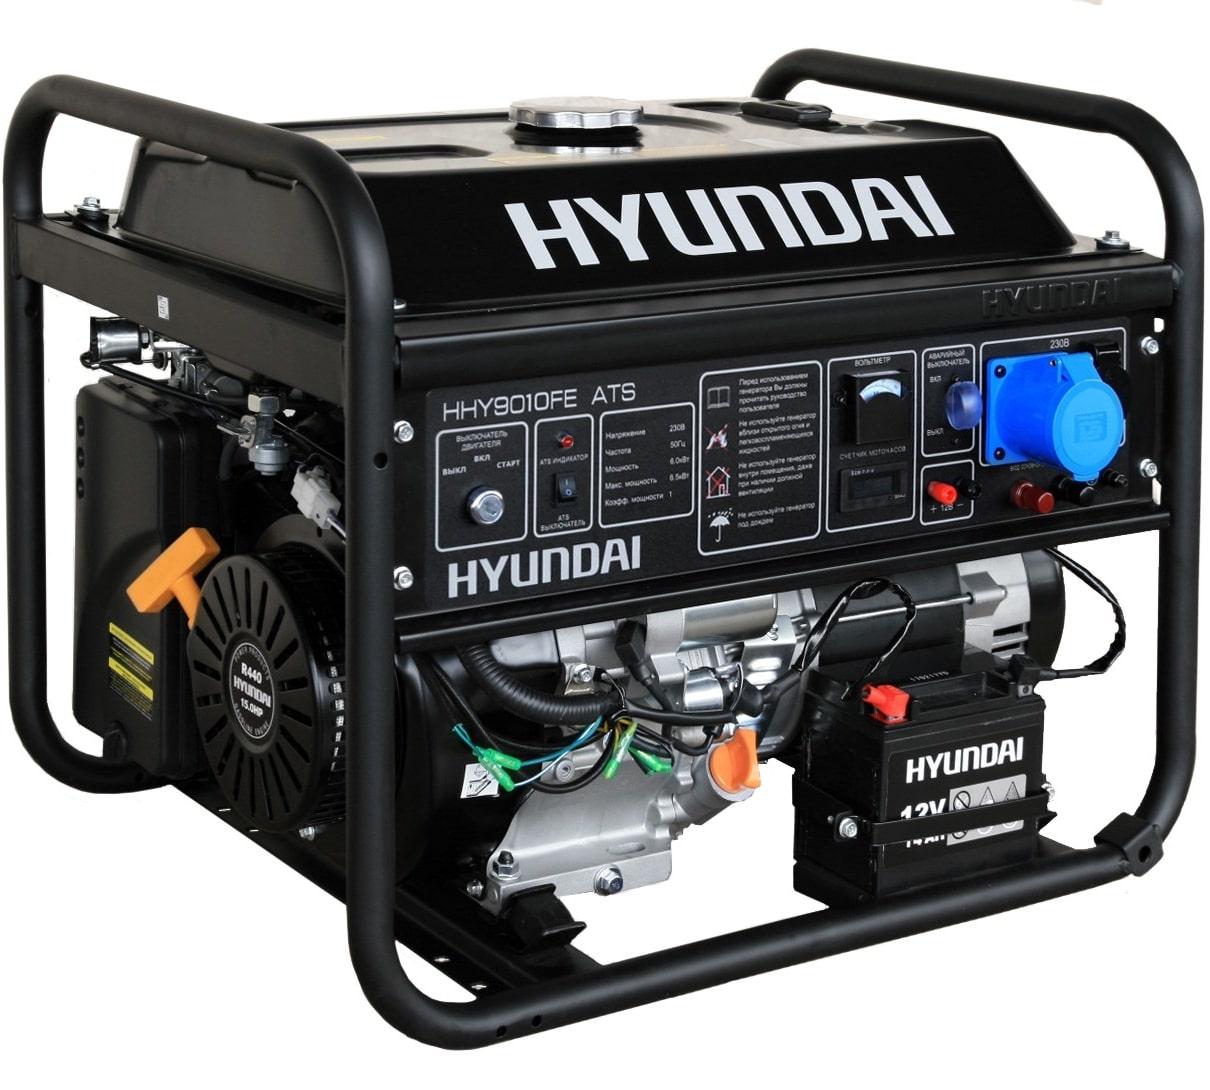 бензиновая электростанция hyundai hhy 9010fe ats